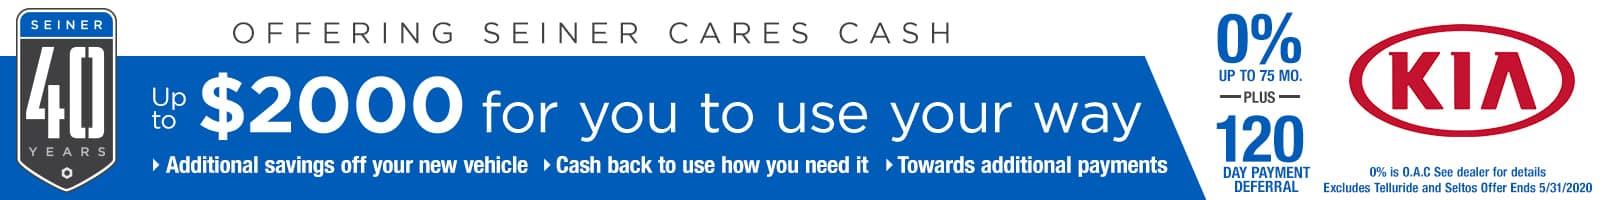 Seiner Cares Cash